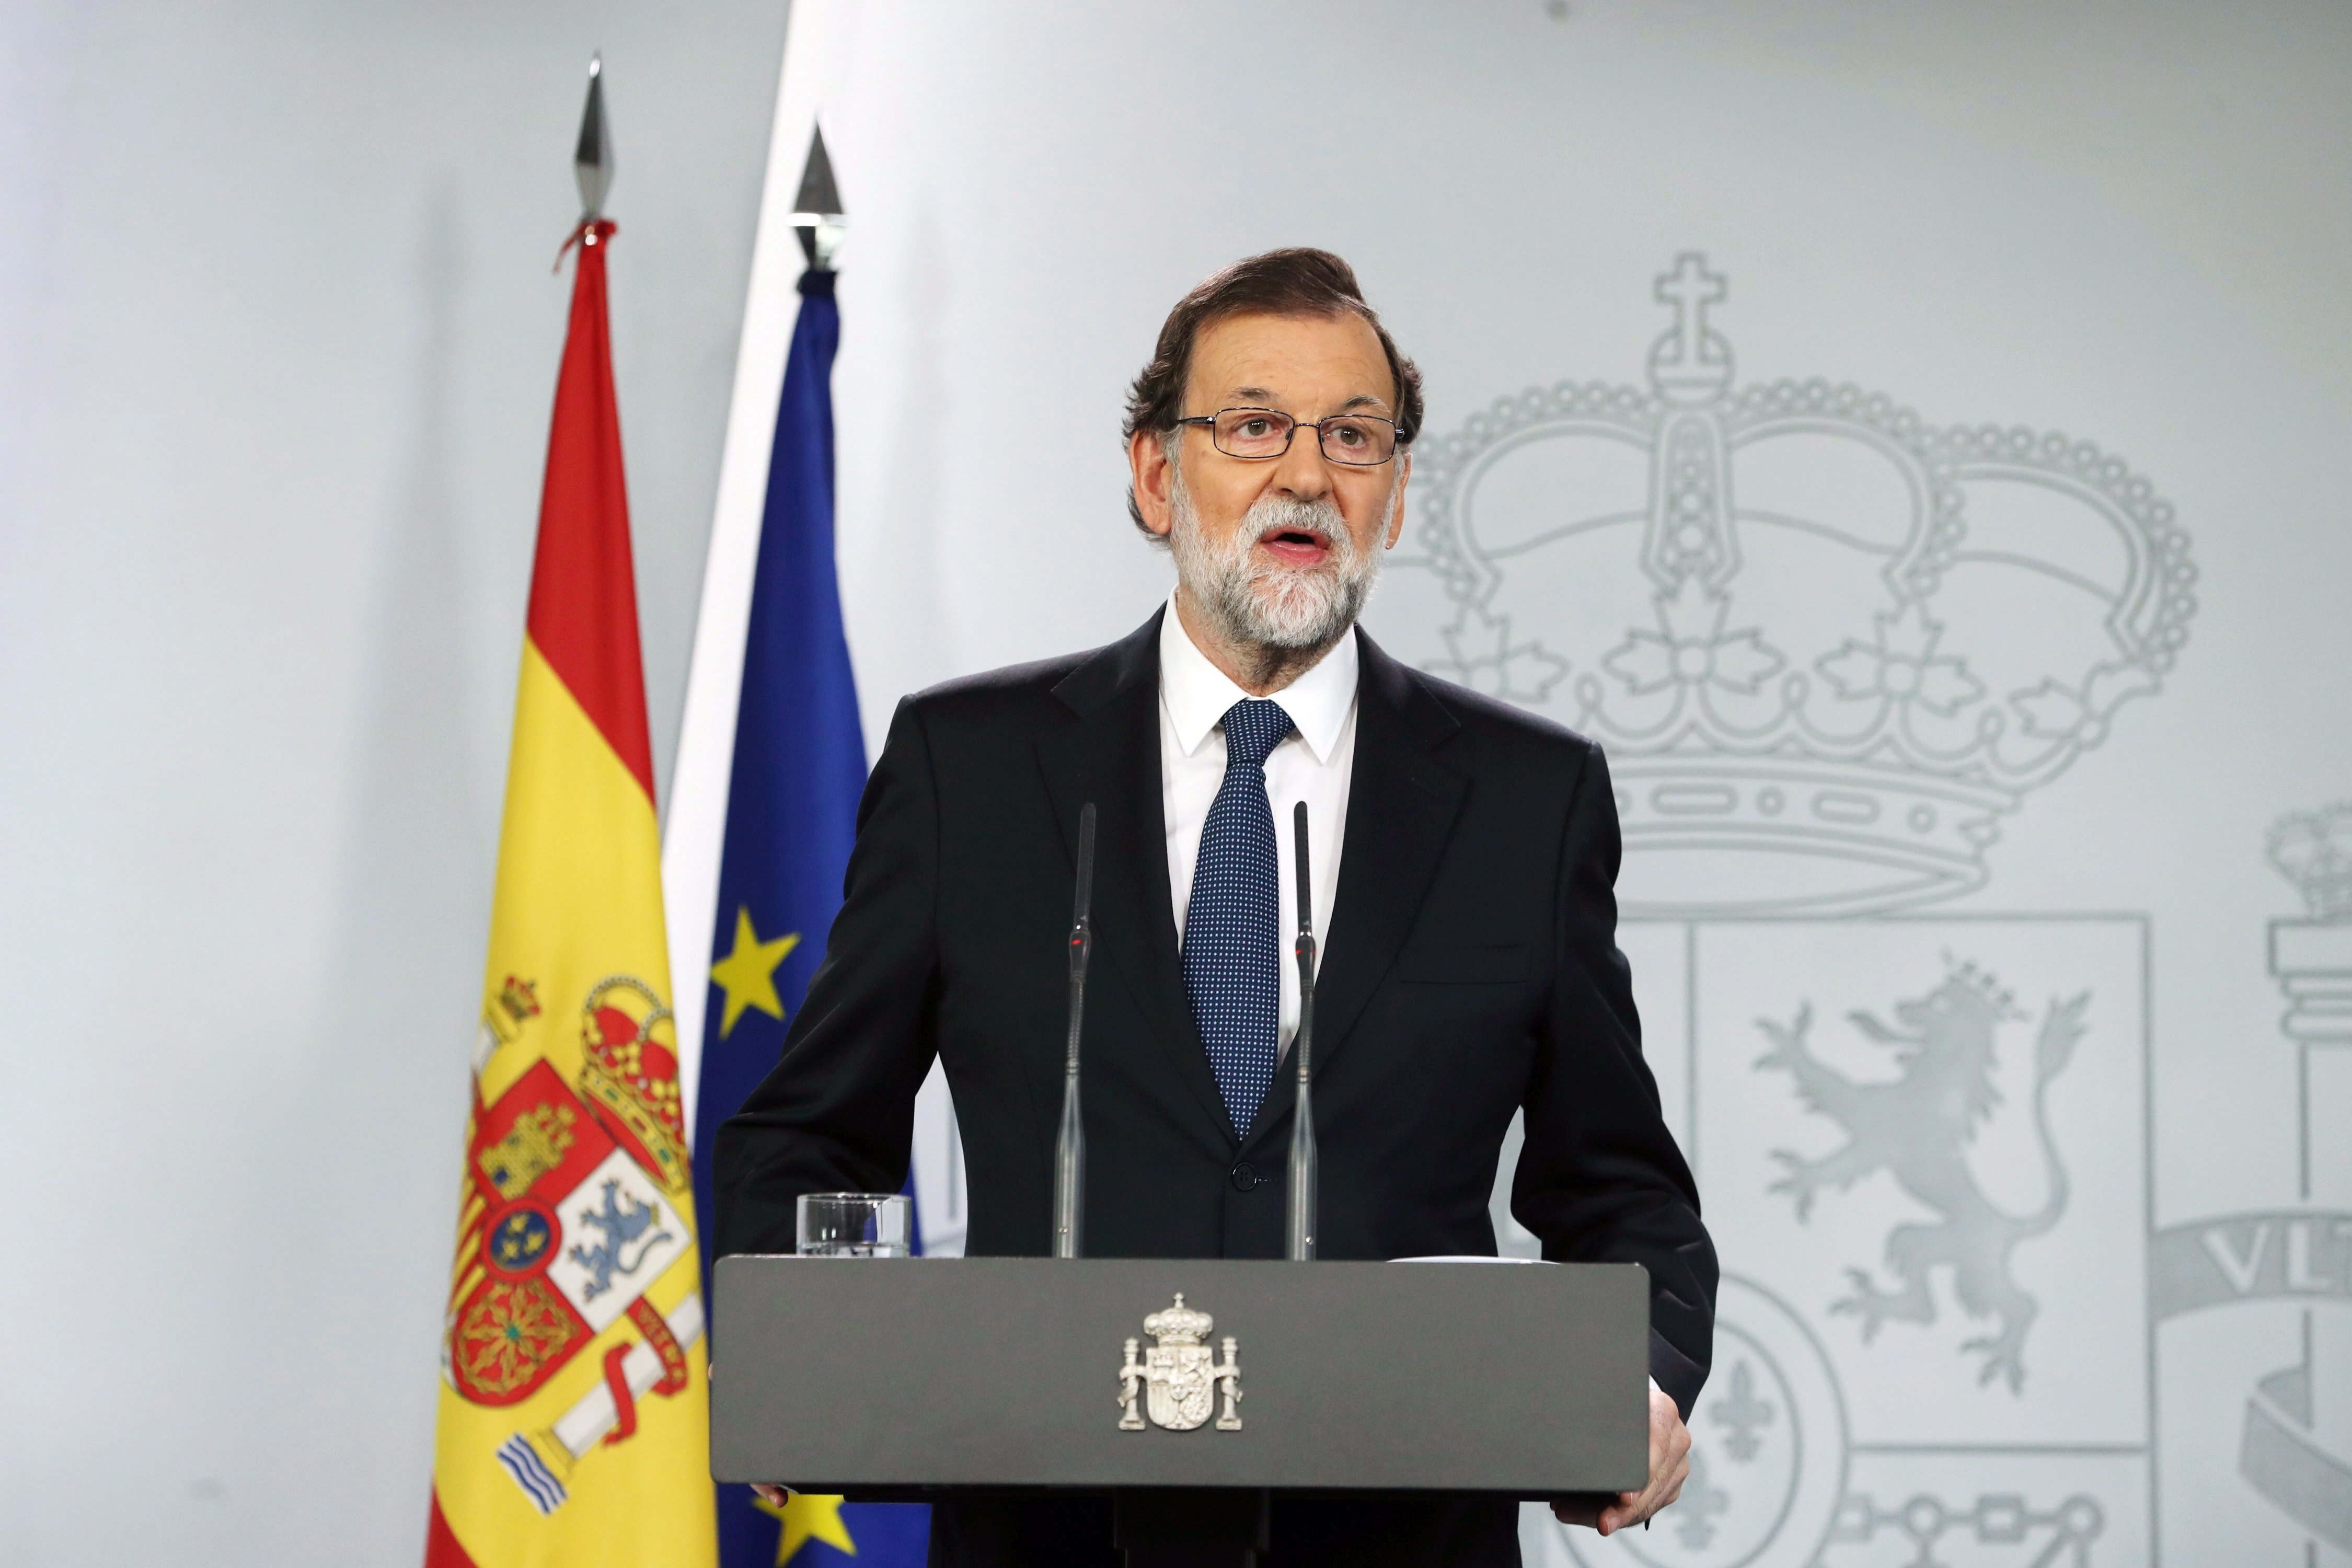 """Madrid, 2017. október 2. Mariano Rajoy spanyol miniszterelnök sajtótájékoztatót tart a katalán függetlenségről tervezett, és a spanyol kormány által betiltott népszavazásról 2017. október 1-jén. Rajoy szerint nem volt önrendelkezési népszavazás Katalóniában, az állampolgárok pedig megállapíthatták, hogy a jogállam """"erős és hatályos"""". (MTI/EPA/JJ Guillen)"""